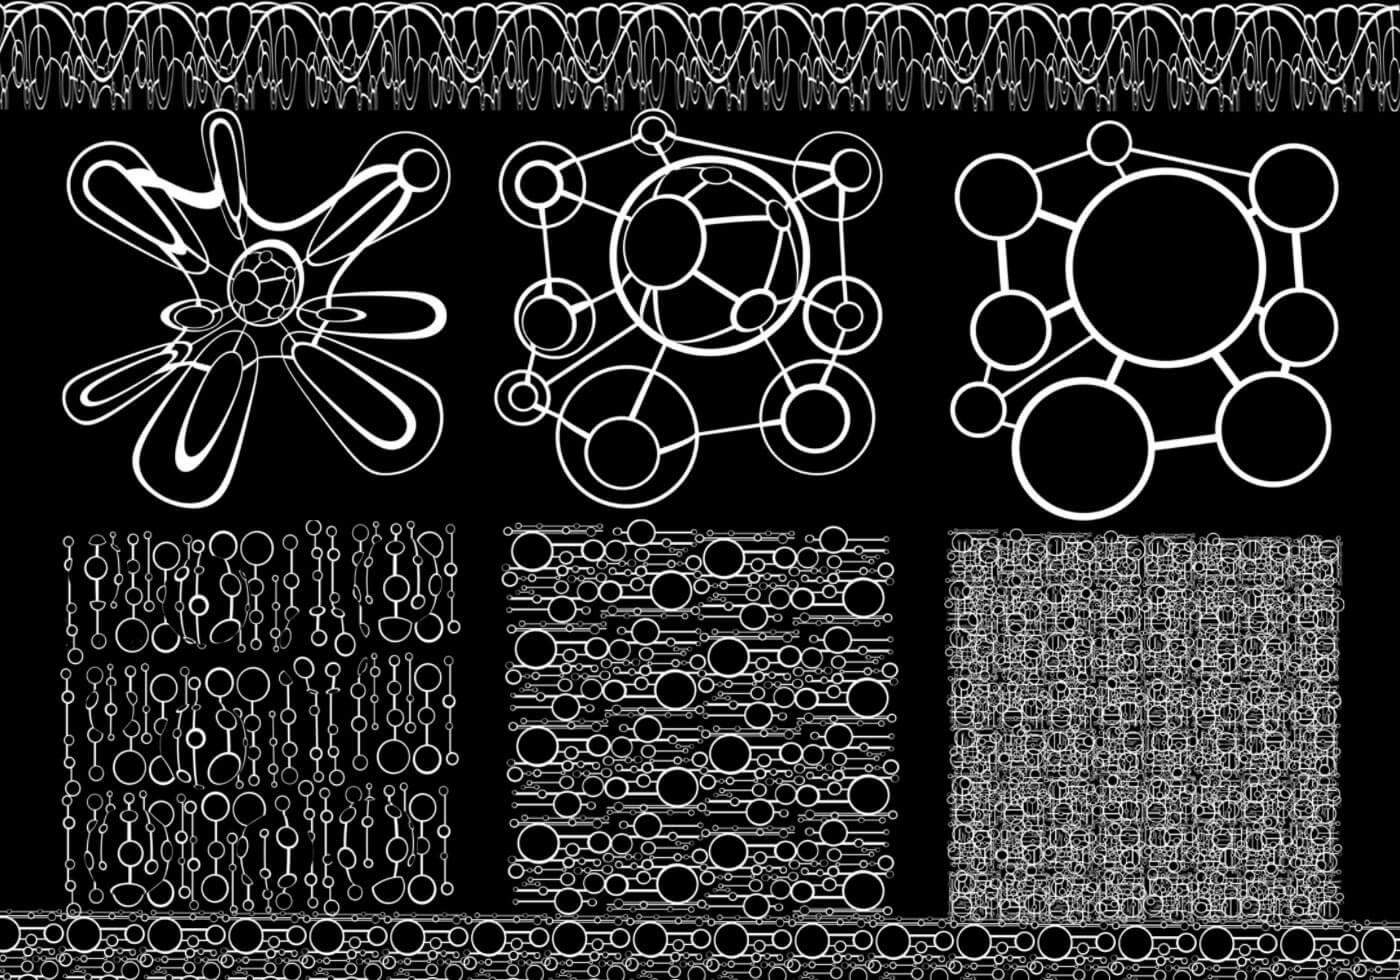 抽象扭曲的圆圈组合图案Photoshop笔刷素材下载